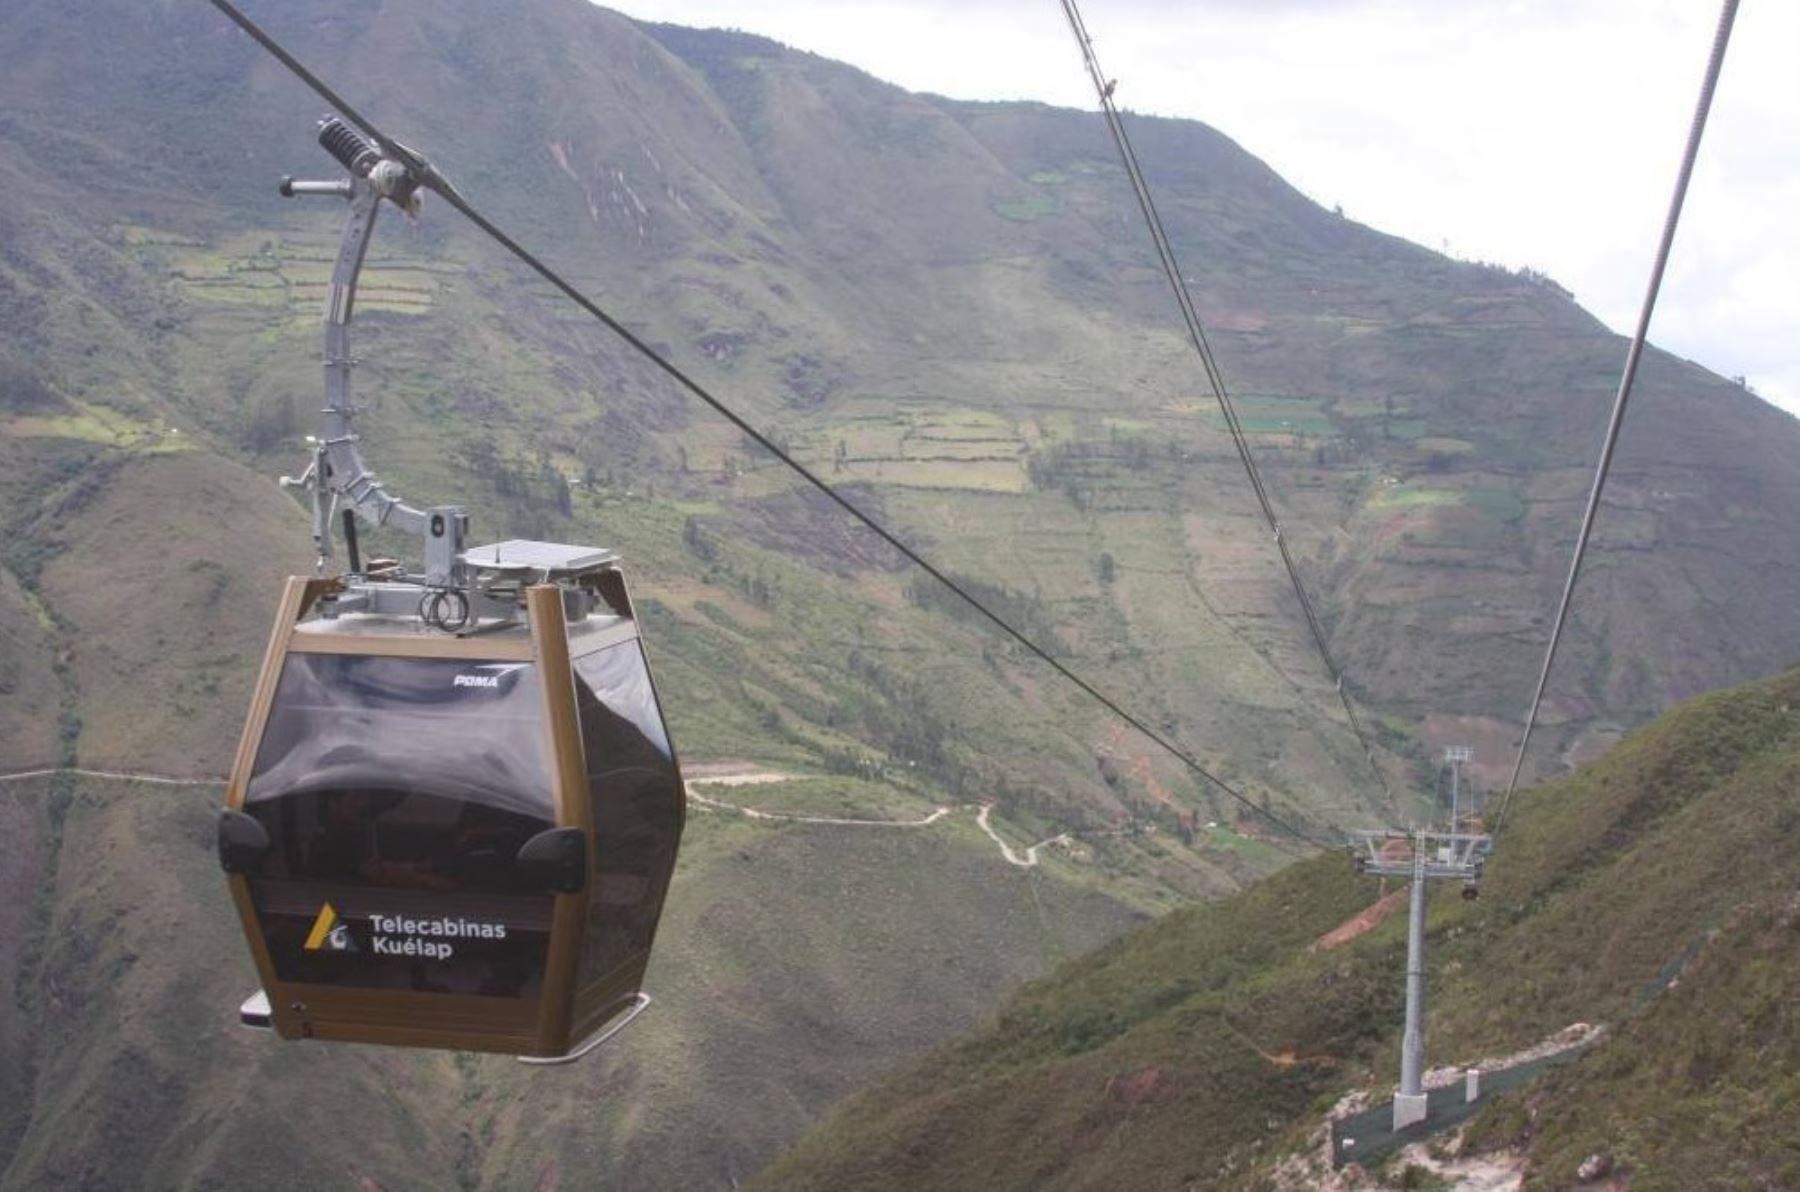 El sistema de telecabinas de Kuélap es el primer medio de transporte turístico que existe en Perú.